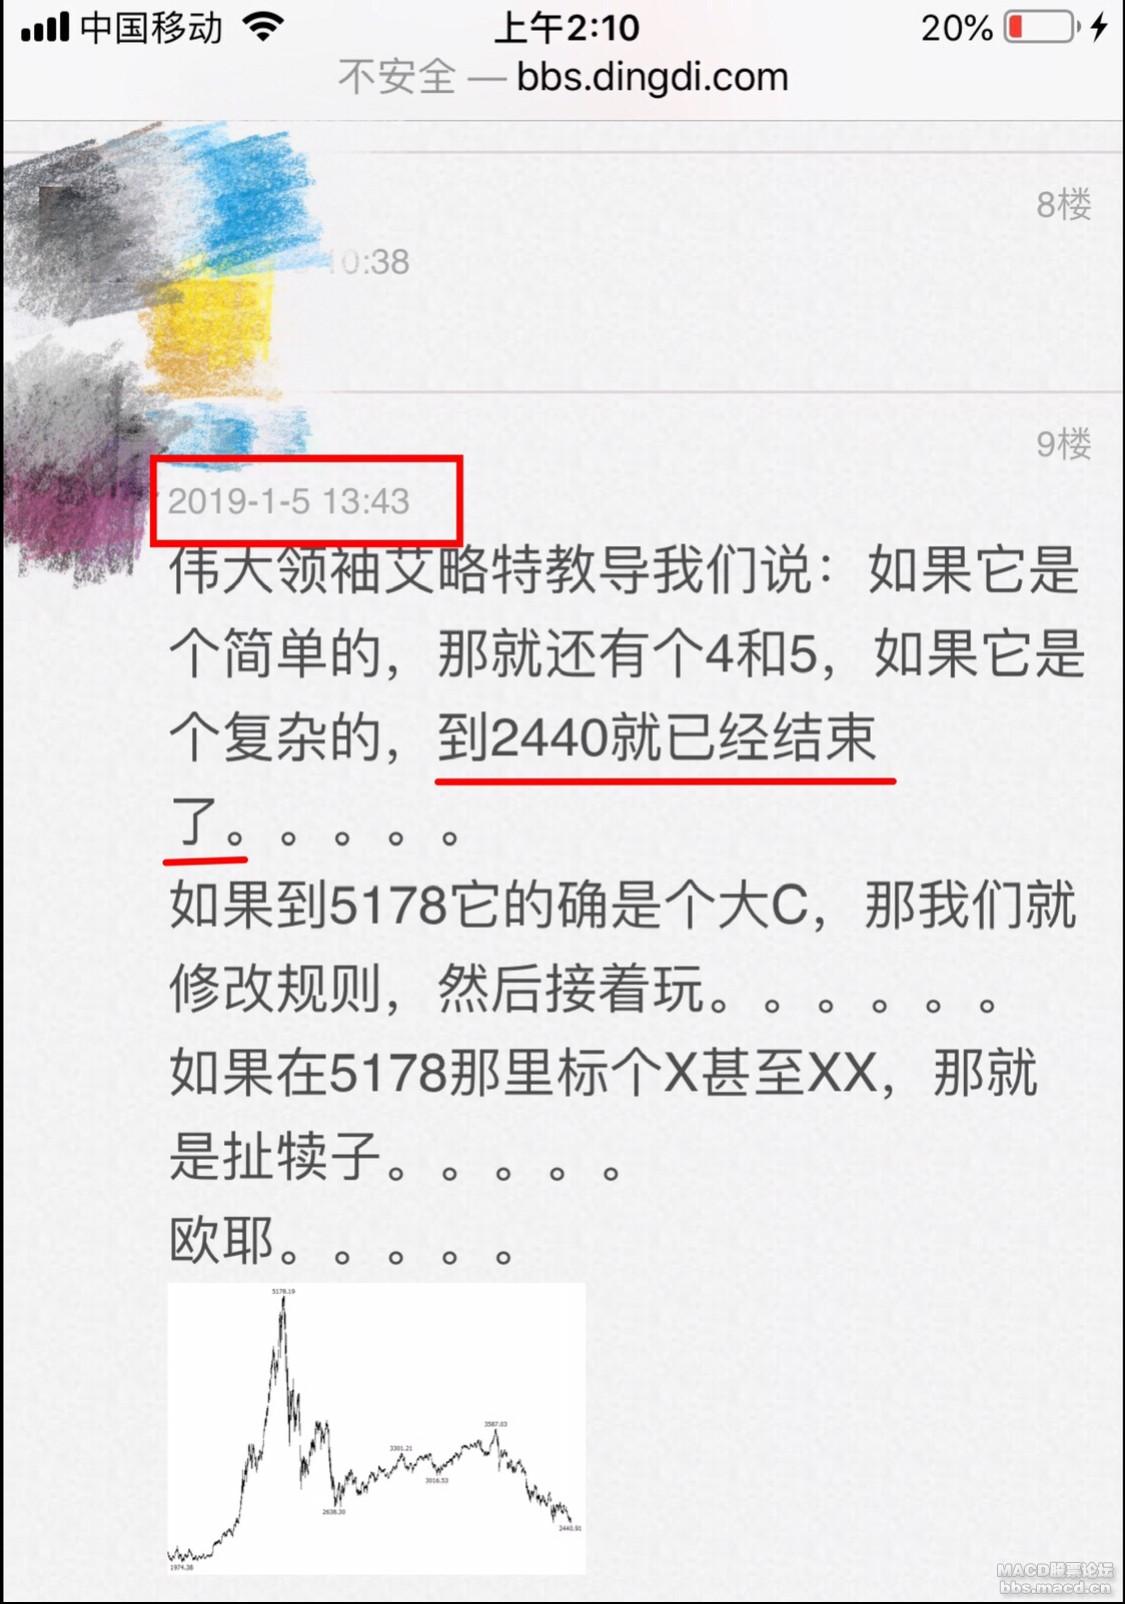 E12A6B42-9F95-44E0-A7A8-1005024CD135.jpeg